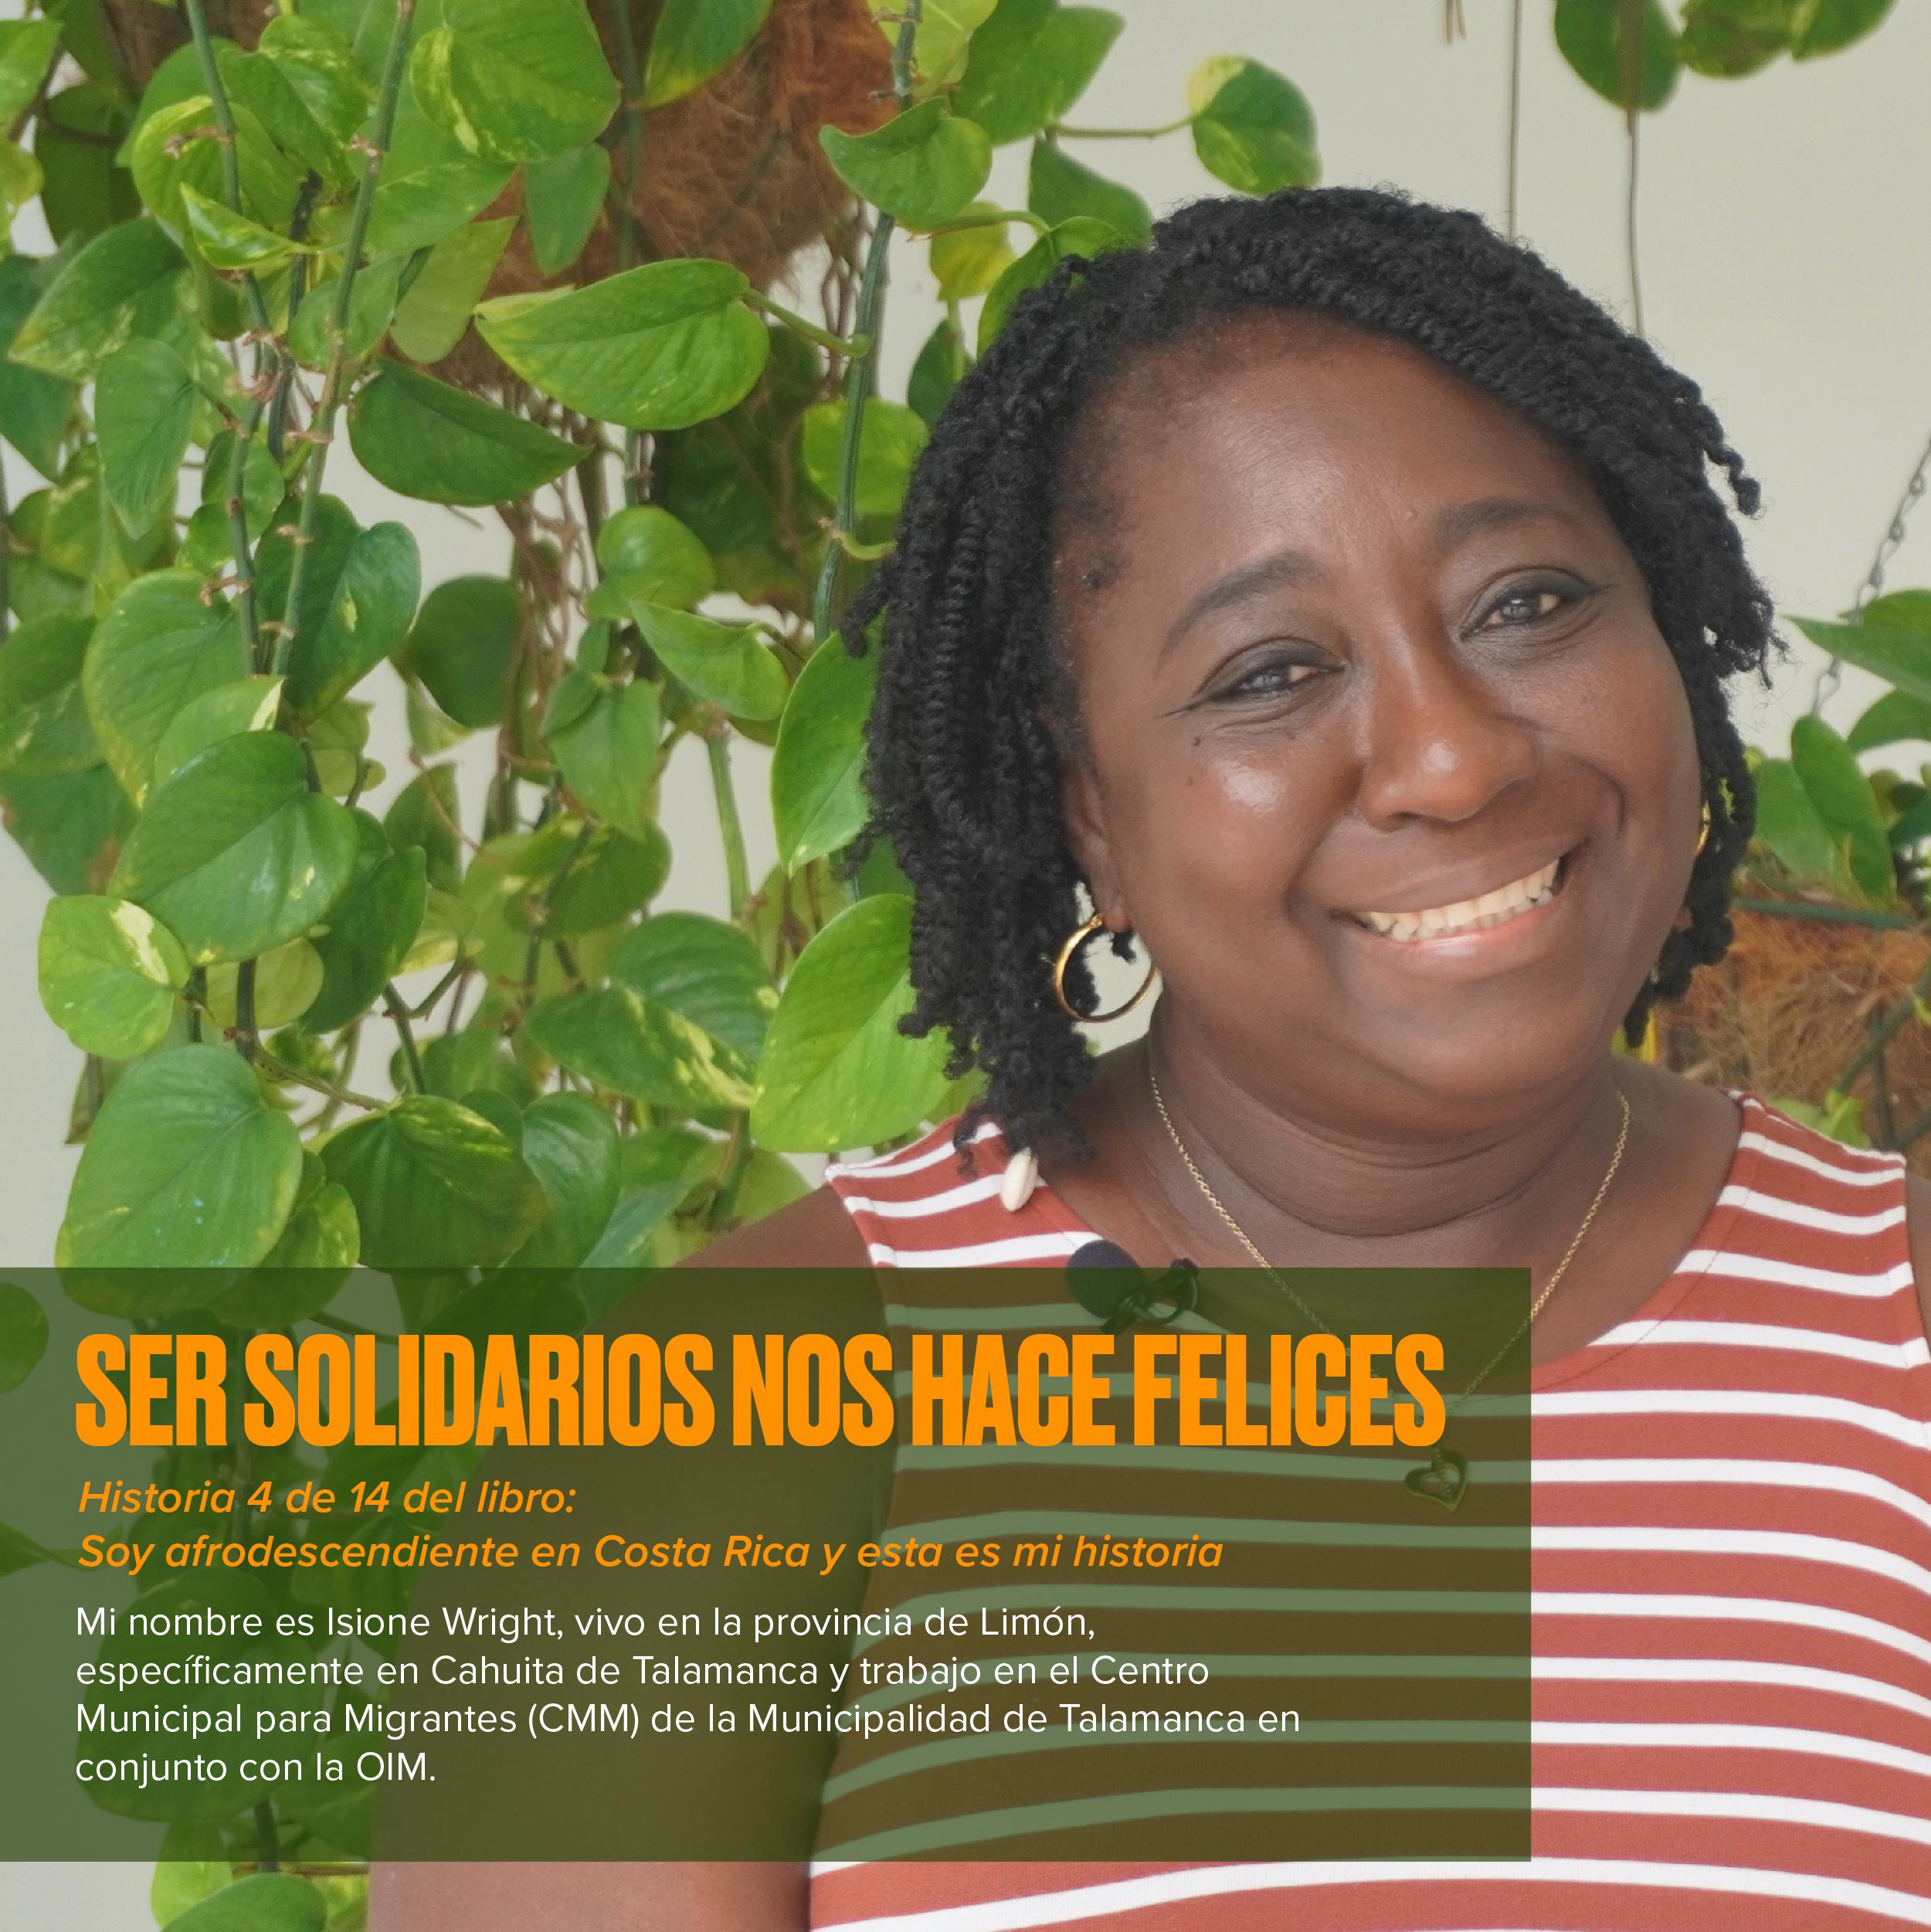 Ser solidarios nos hace felices: Historias afrodescendientes